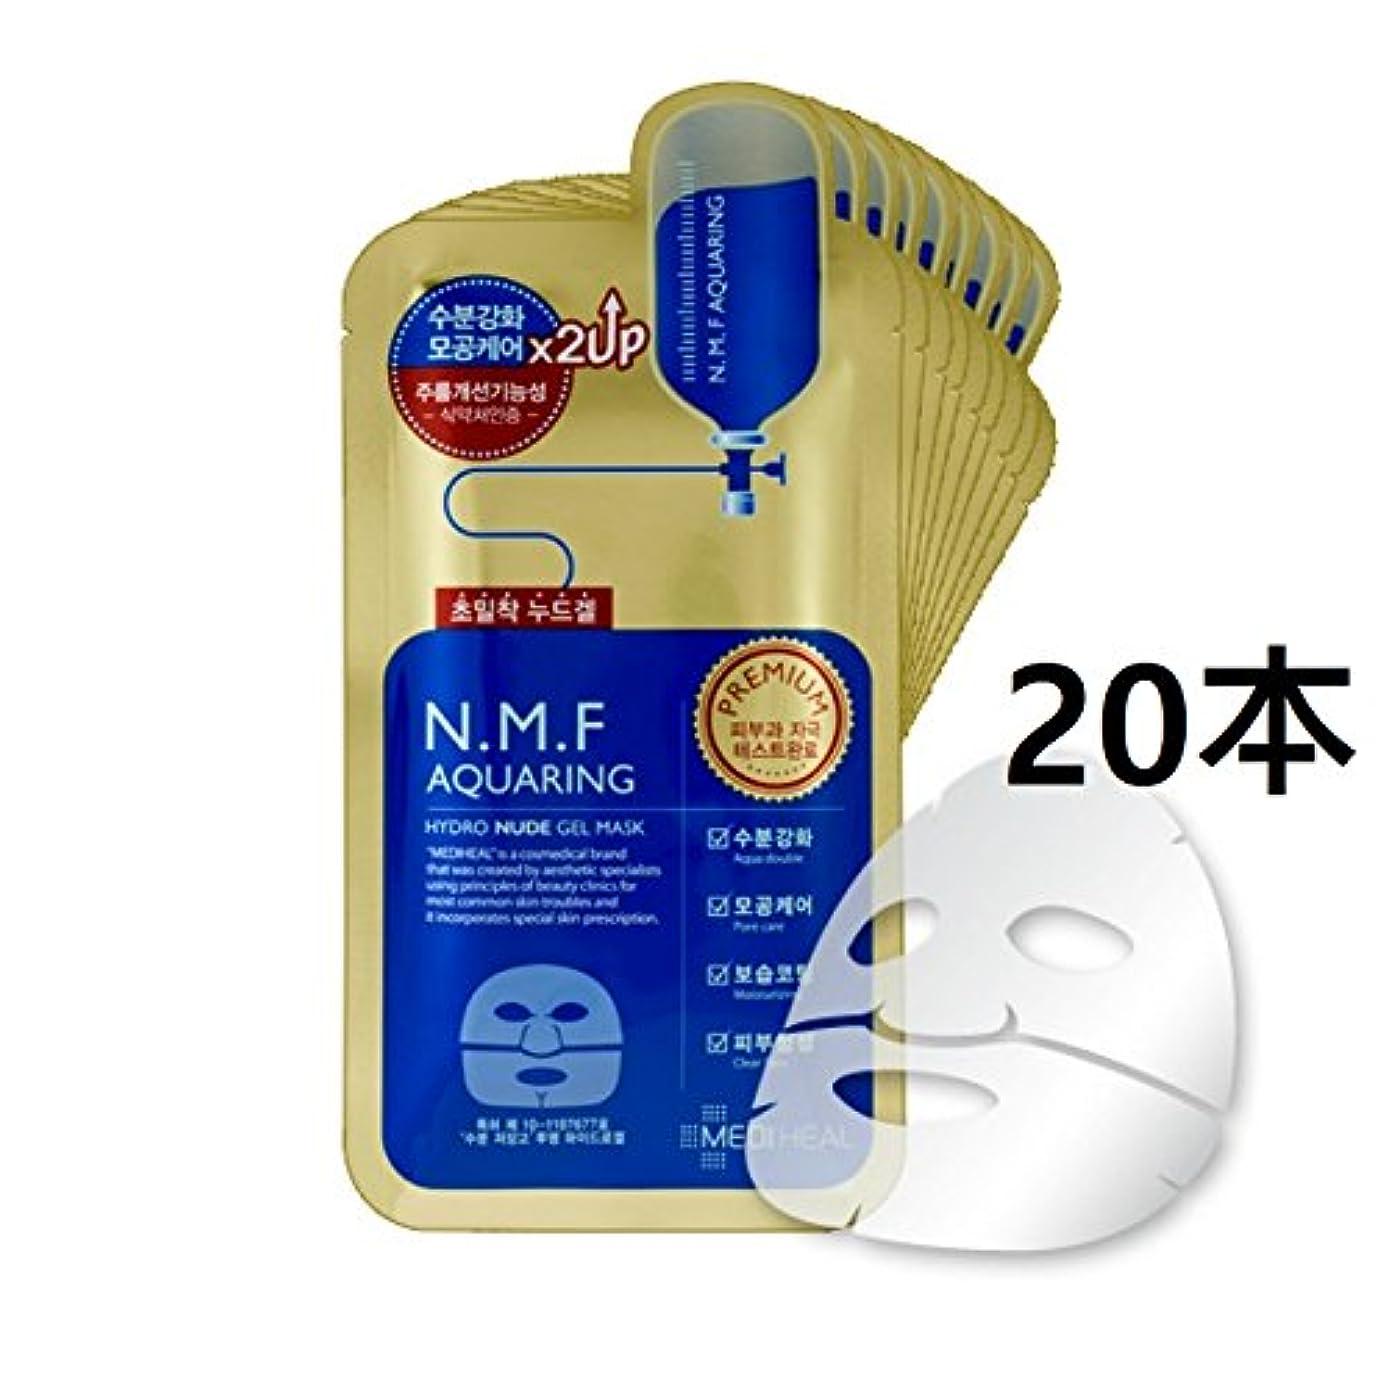 のり承認するれる(10本+10本) MEDIHEAL メディヒール NMF アクアリング ヌード ゲルマスク (20枚) [Mediheal premium NMF AQUARING Hydro Nude Gel 10ea + 10ea ] [並行輸入品]